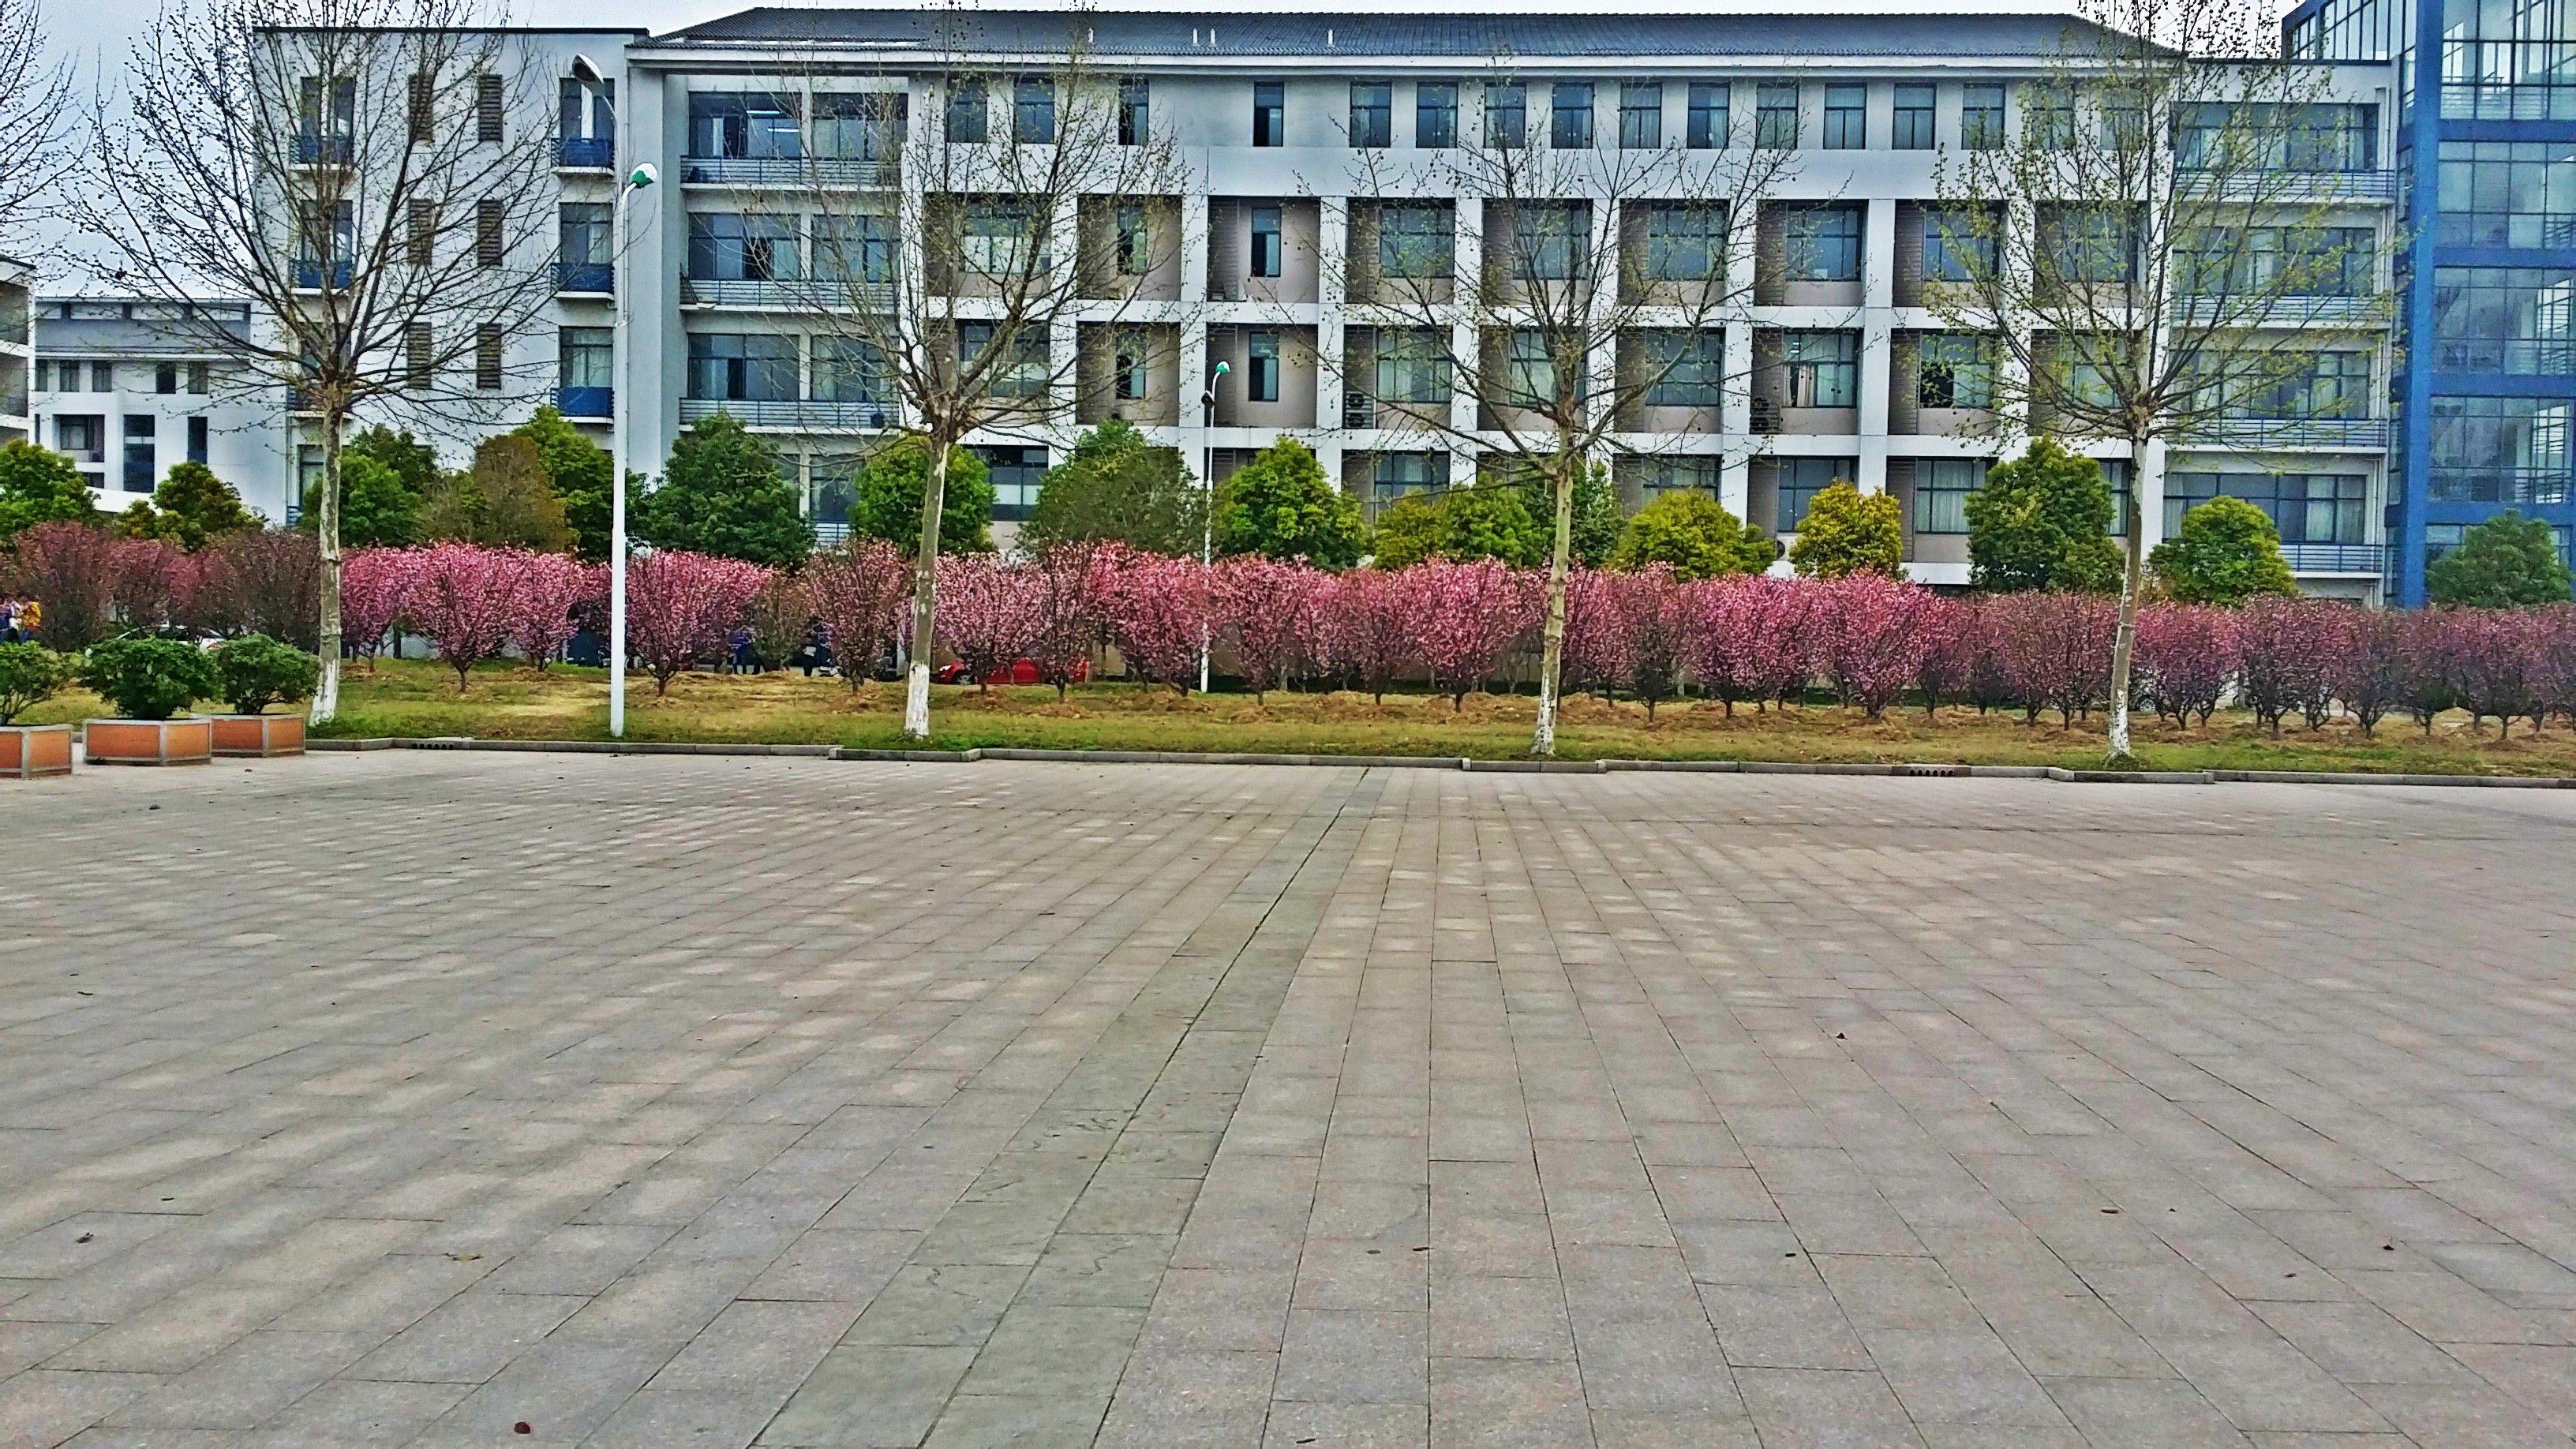 江苏财经职业技术学院怎么样_2014年高考考了190分能上江苏财经职业技术学院吗?这个学校怎么样?